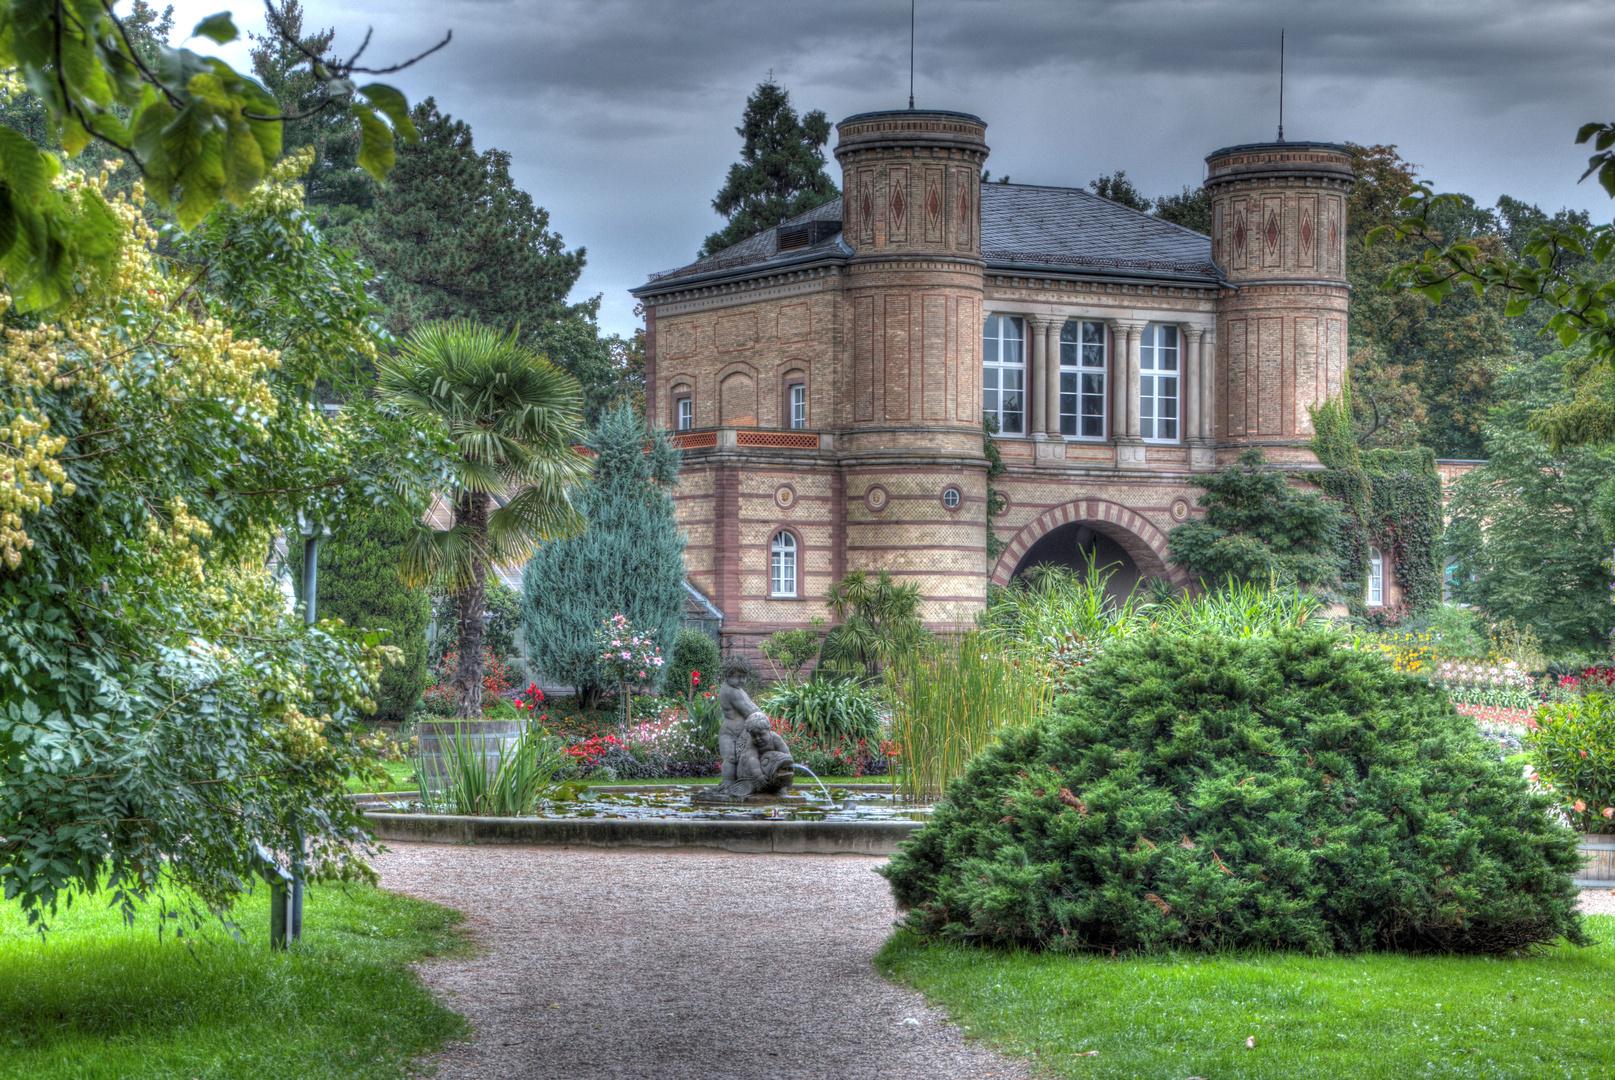 Botanischer Garten Karlsruhe - Torhaus in HDR